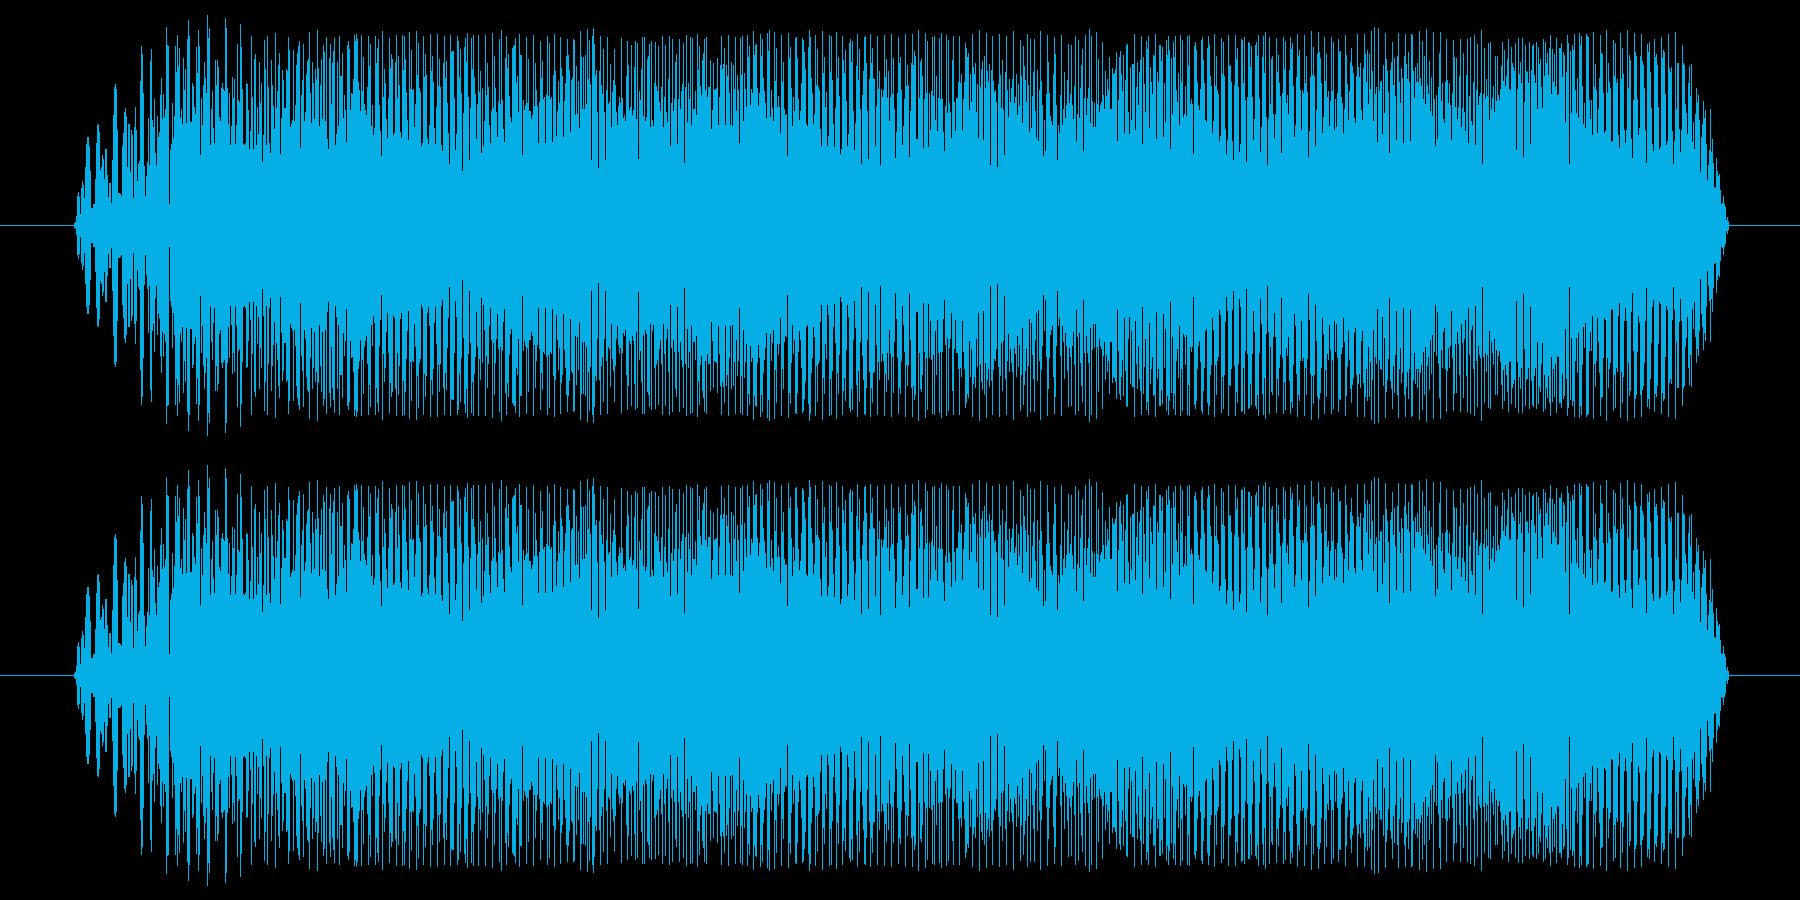 ヴィーーーームの再生済みの波形